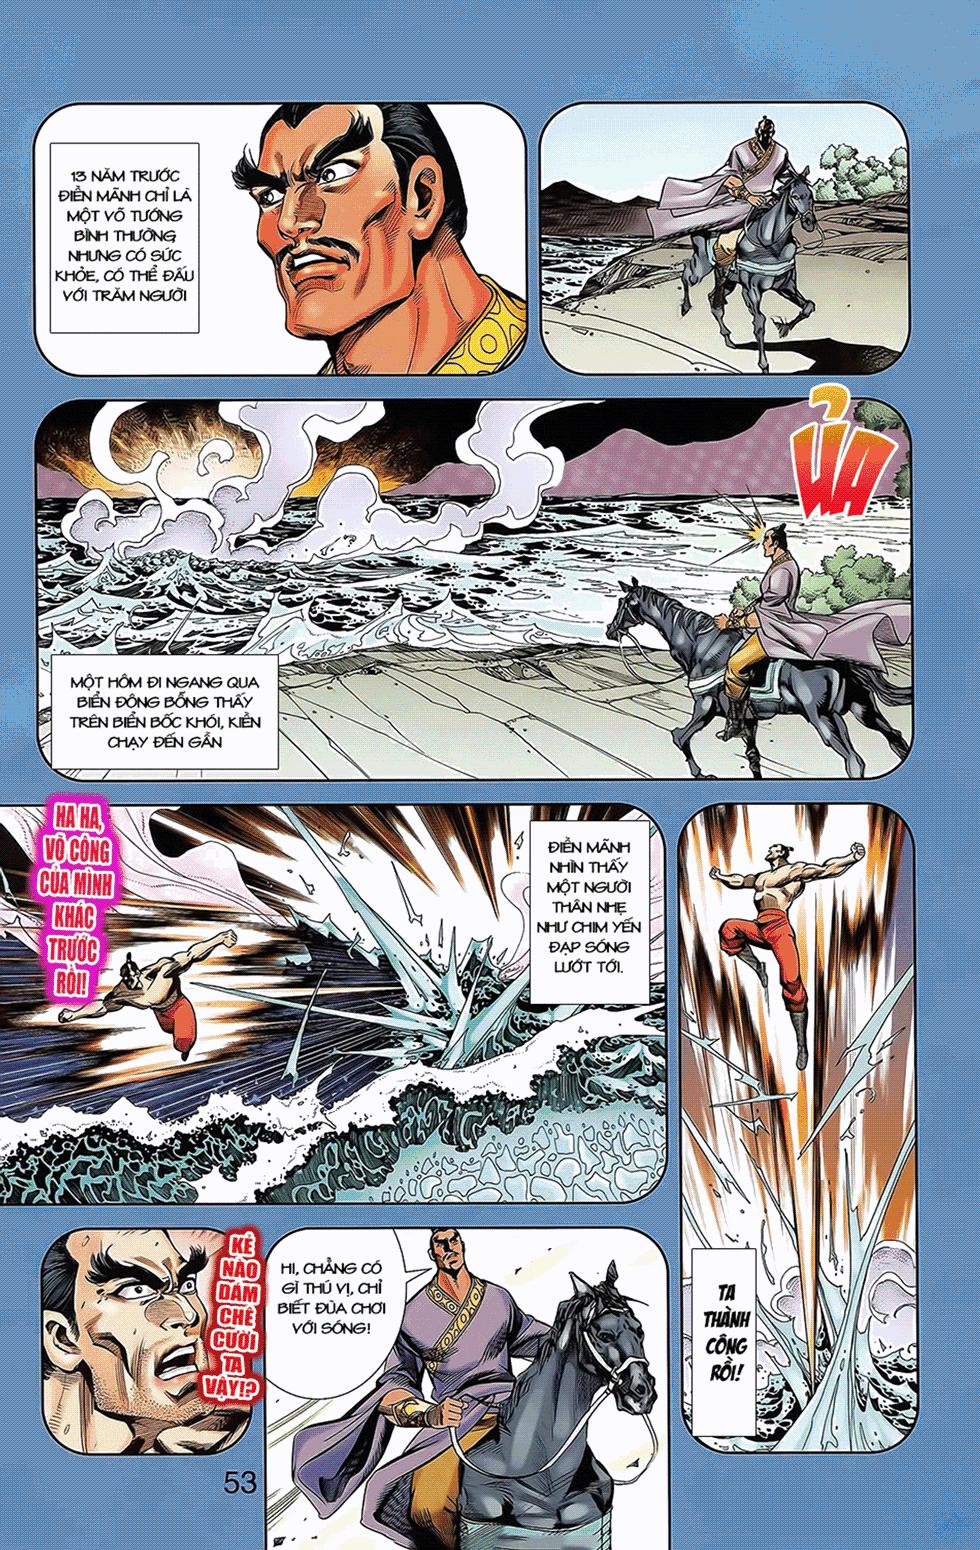 Tần Vương Doanh Chính chapter 7 trang 12